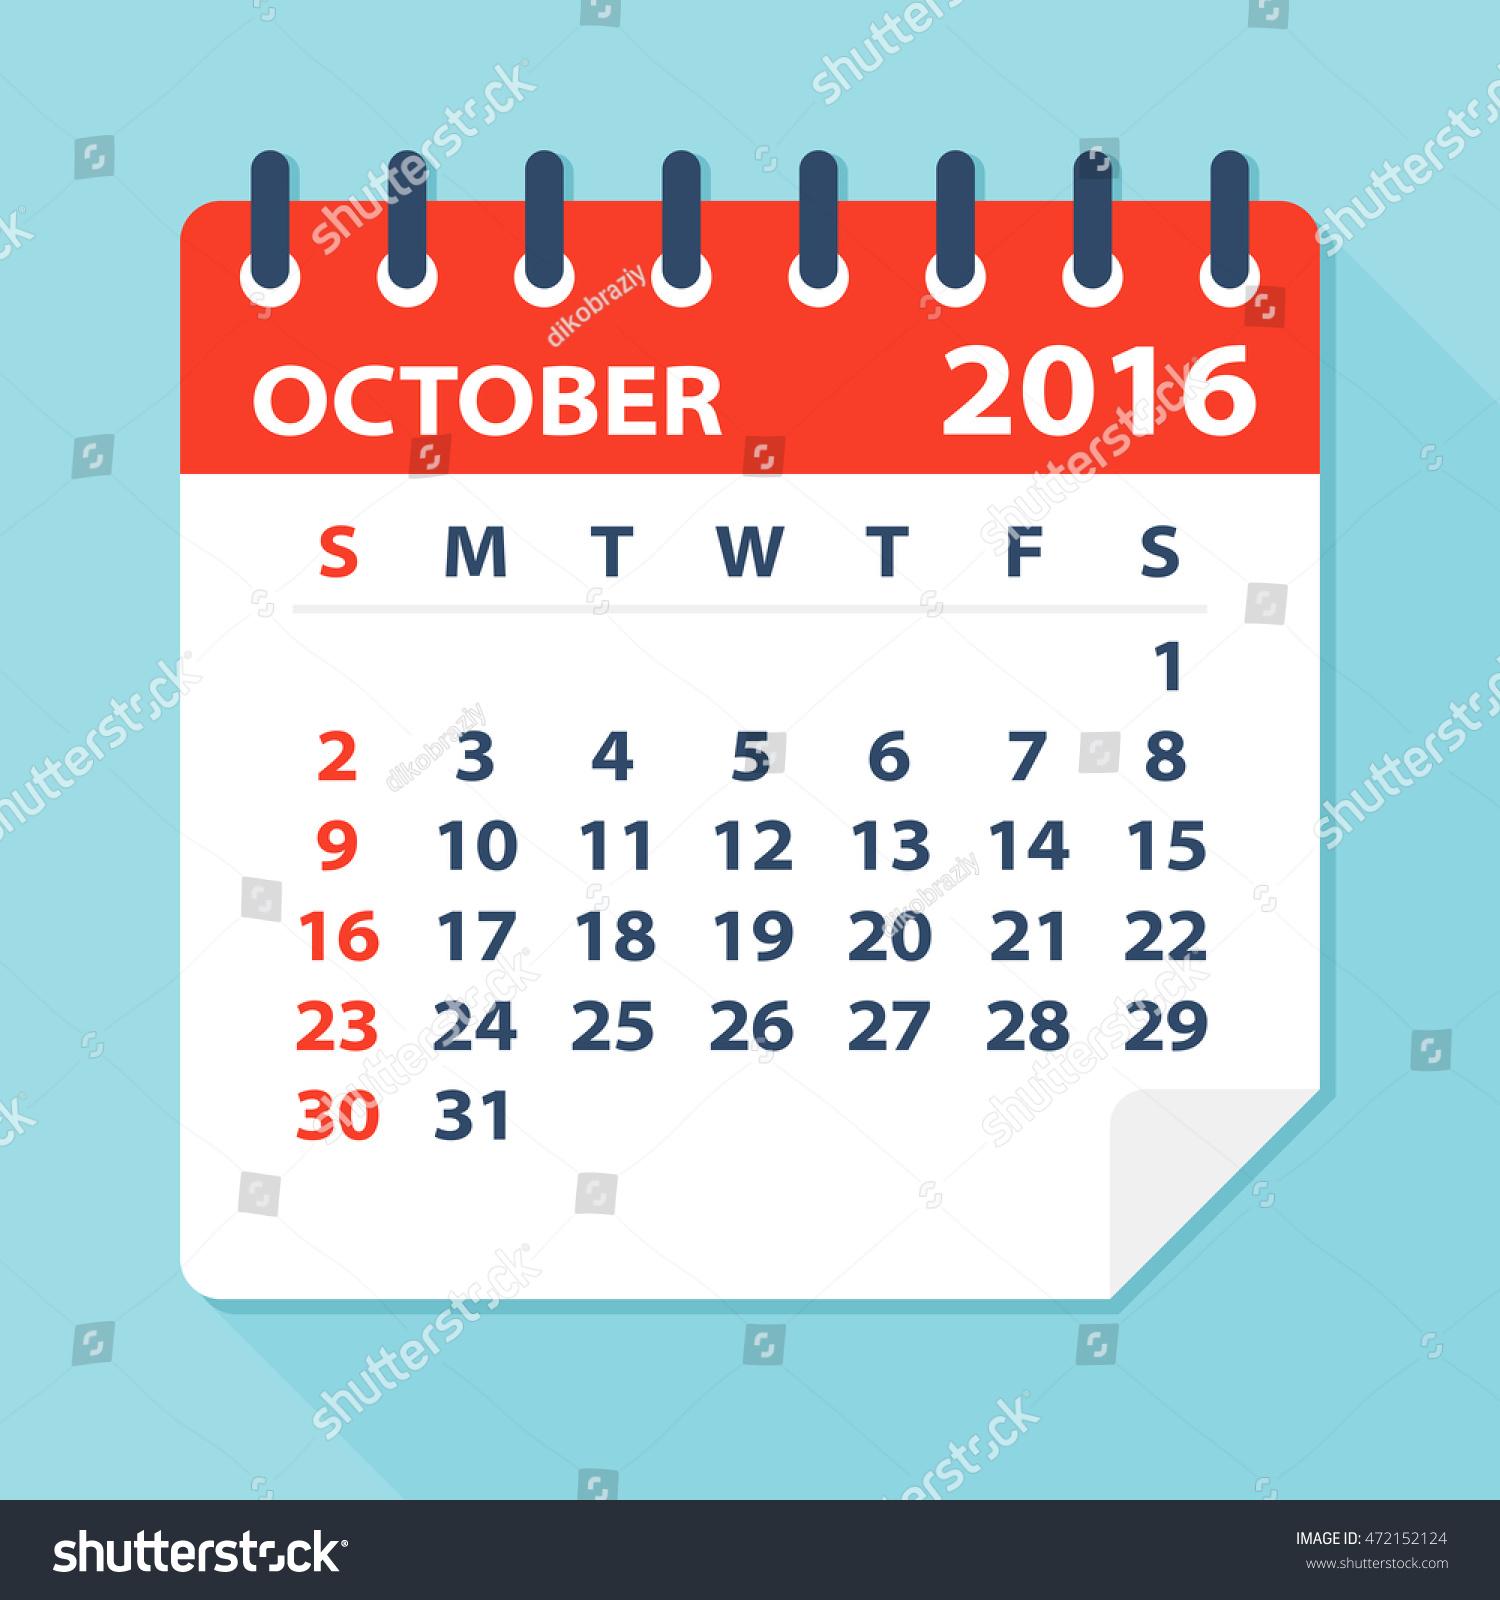 Calendar Illustration : October calendar illustration stock vector